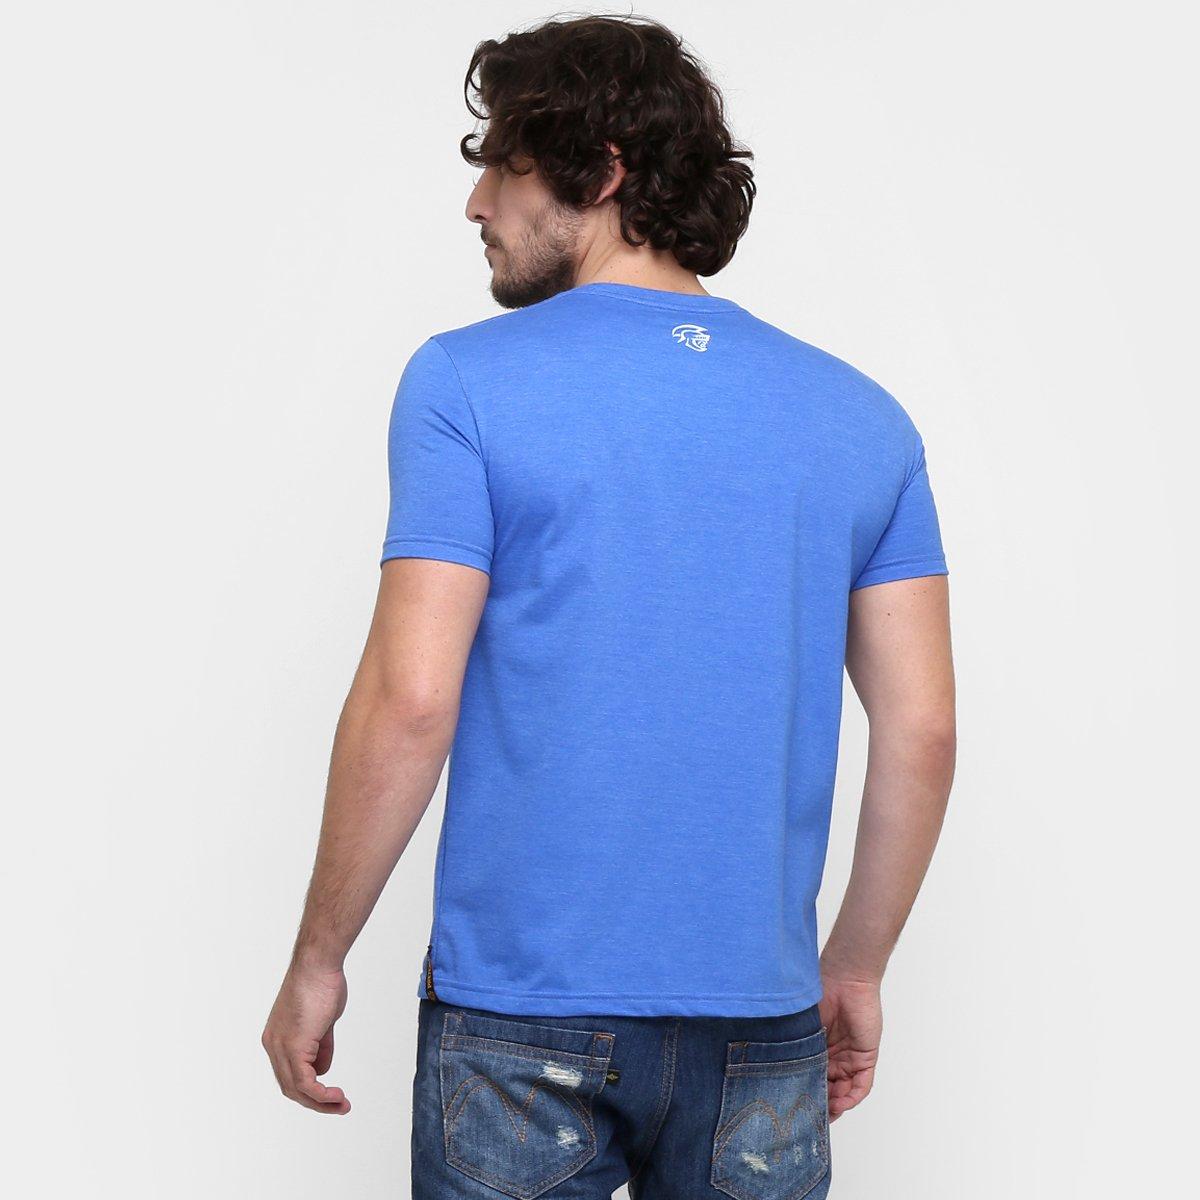 Camiseta Pretorian No Pain No Gain Masculina - Azul - Compre Agora ... 32845e5b9fcf2